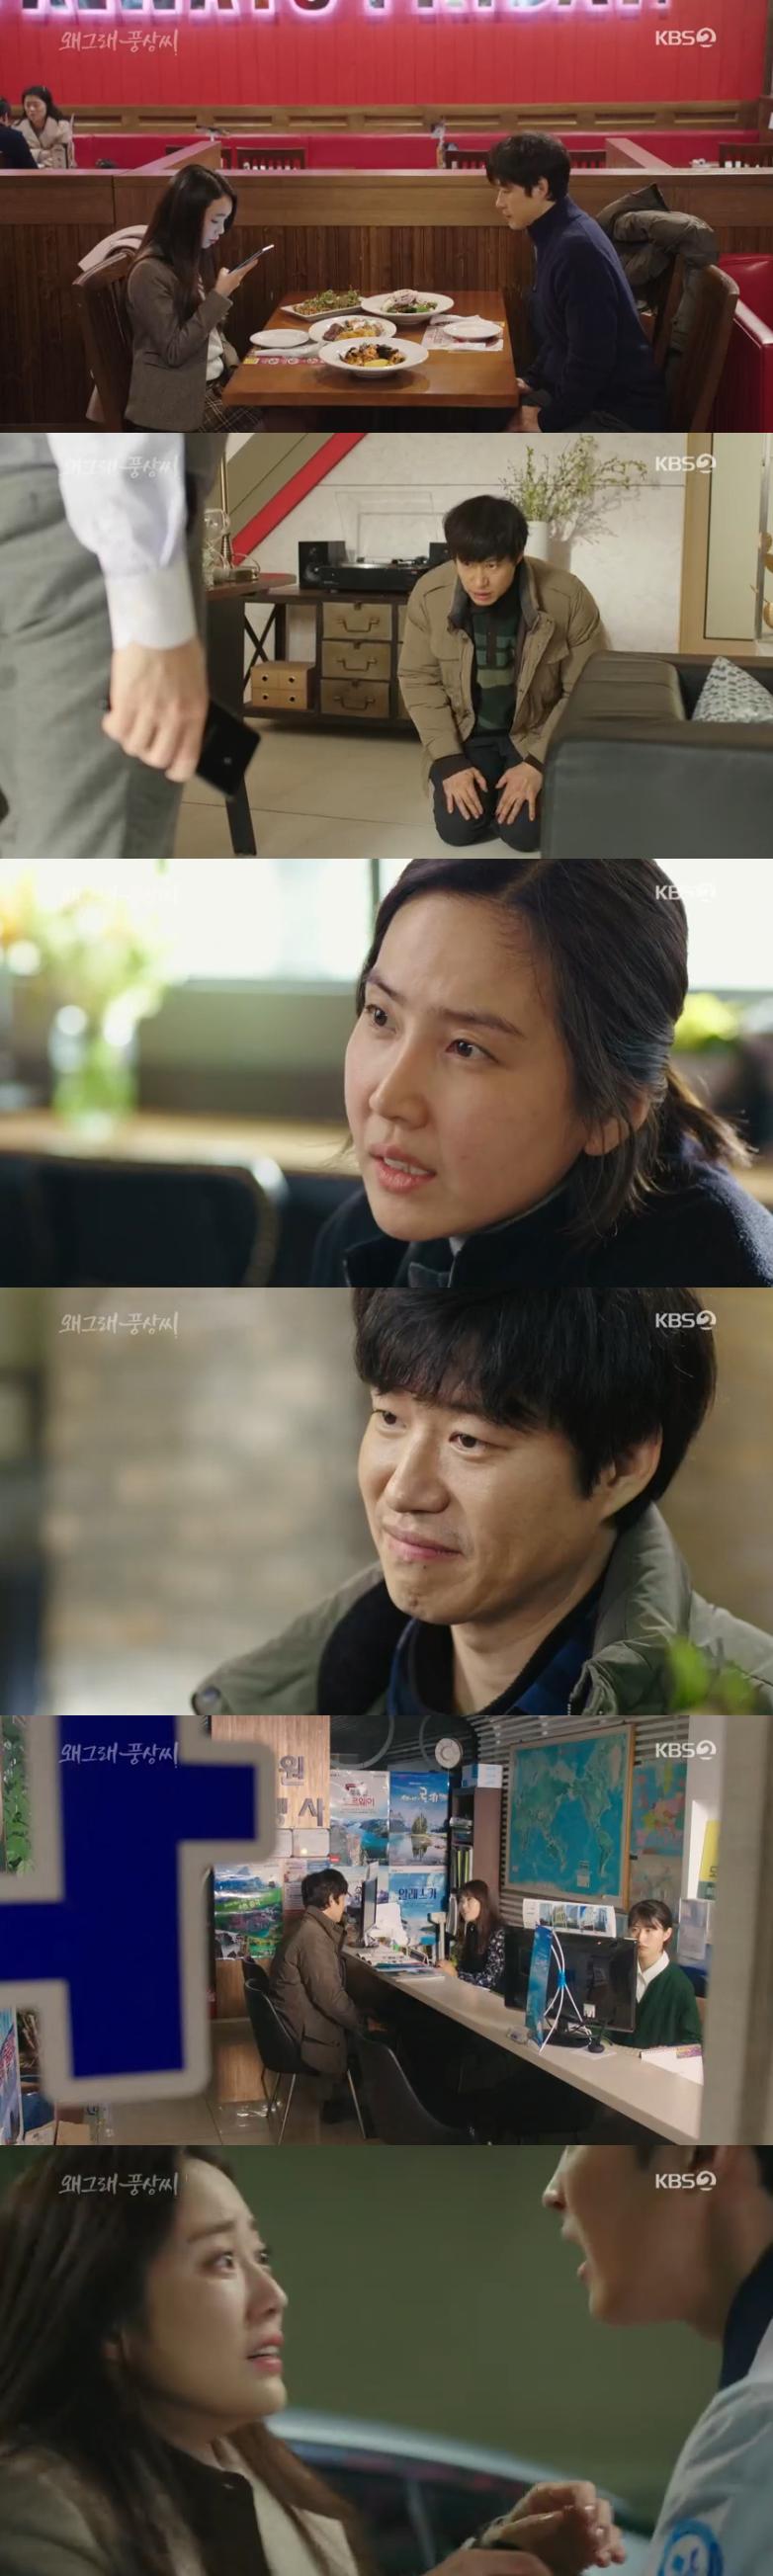 '왜그래풍상씨' 전혜빈, 유준상 암투병 알고 오열…가족관계 회복될까[종합S]